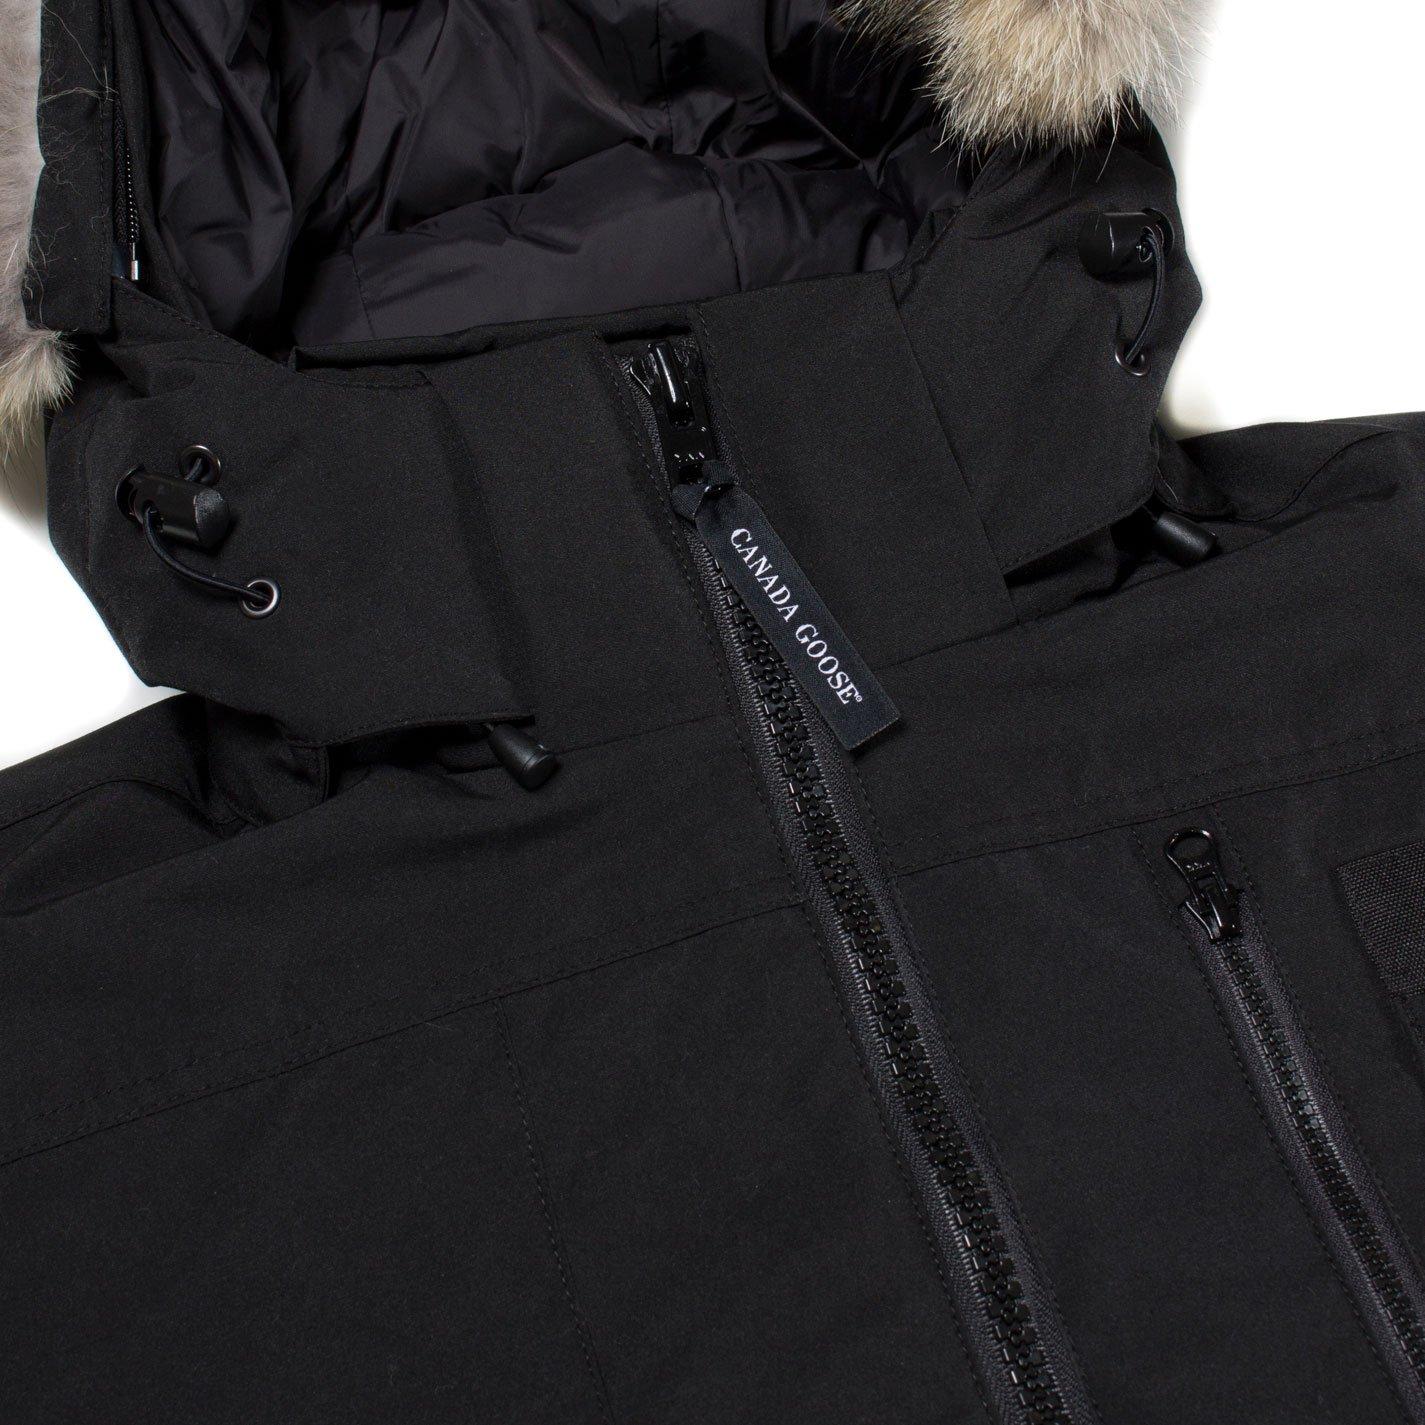 Canada Goose - Abrigo - para hombre negro negro L: Amazon.es: Ropa y accesorios